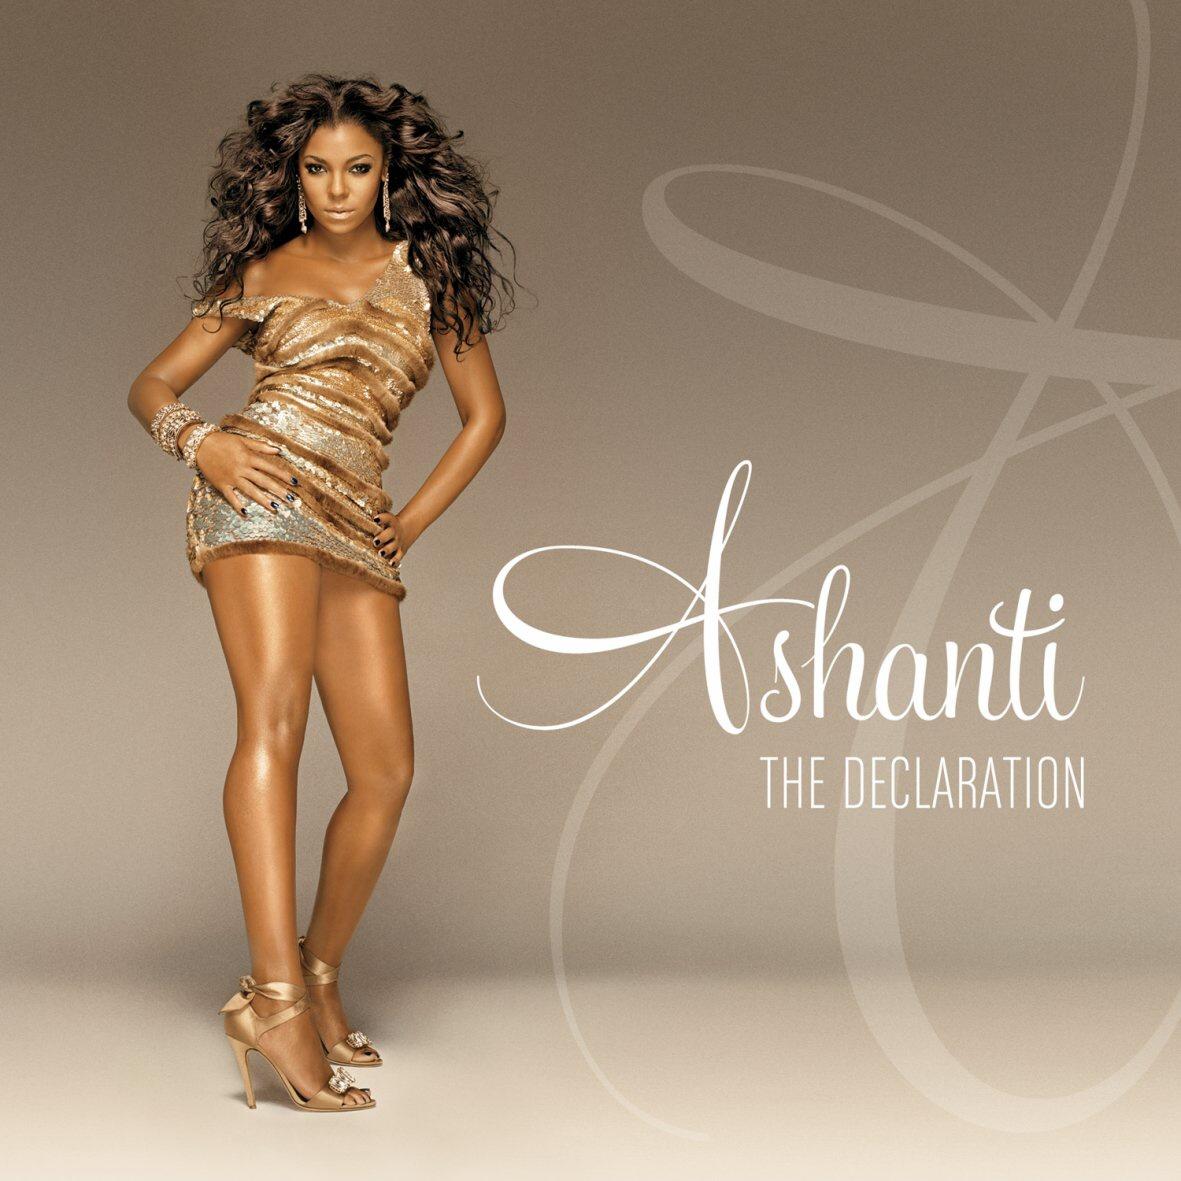 http://2.bp.blogspot.com/_YJM766qf5ps/TF9trn4SMxI/AAAAAAAAIw4/lB0XnSV5InY/s1600/Ashanti+-+The+Declaration+-+Front.jpg